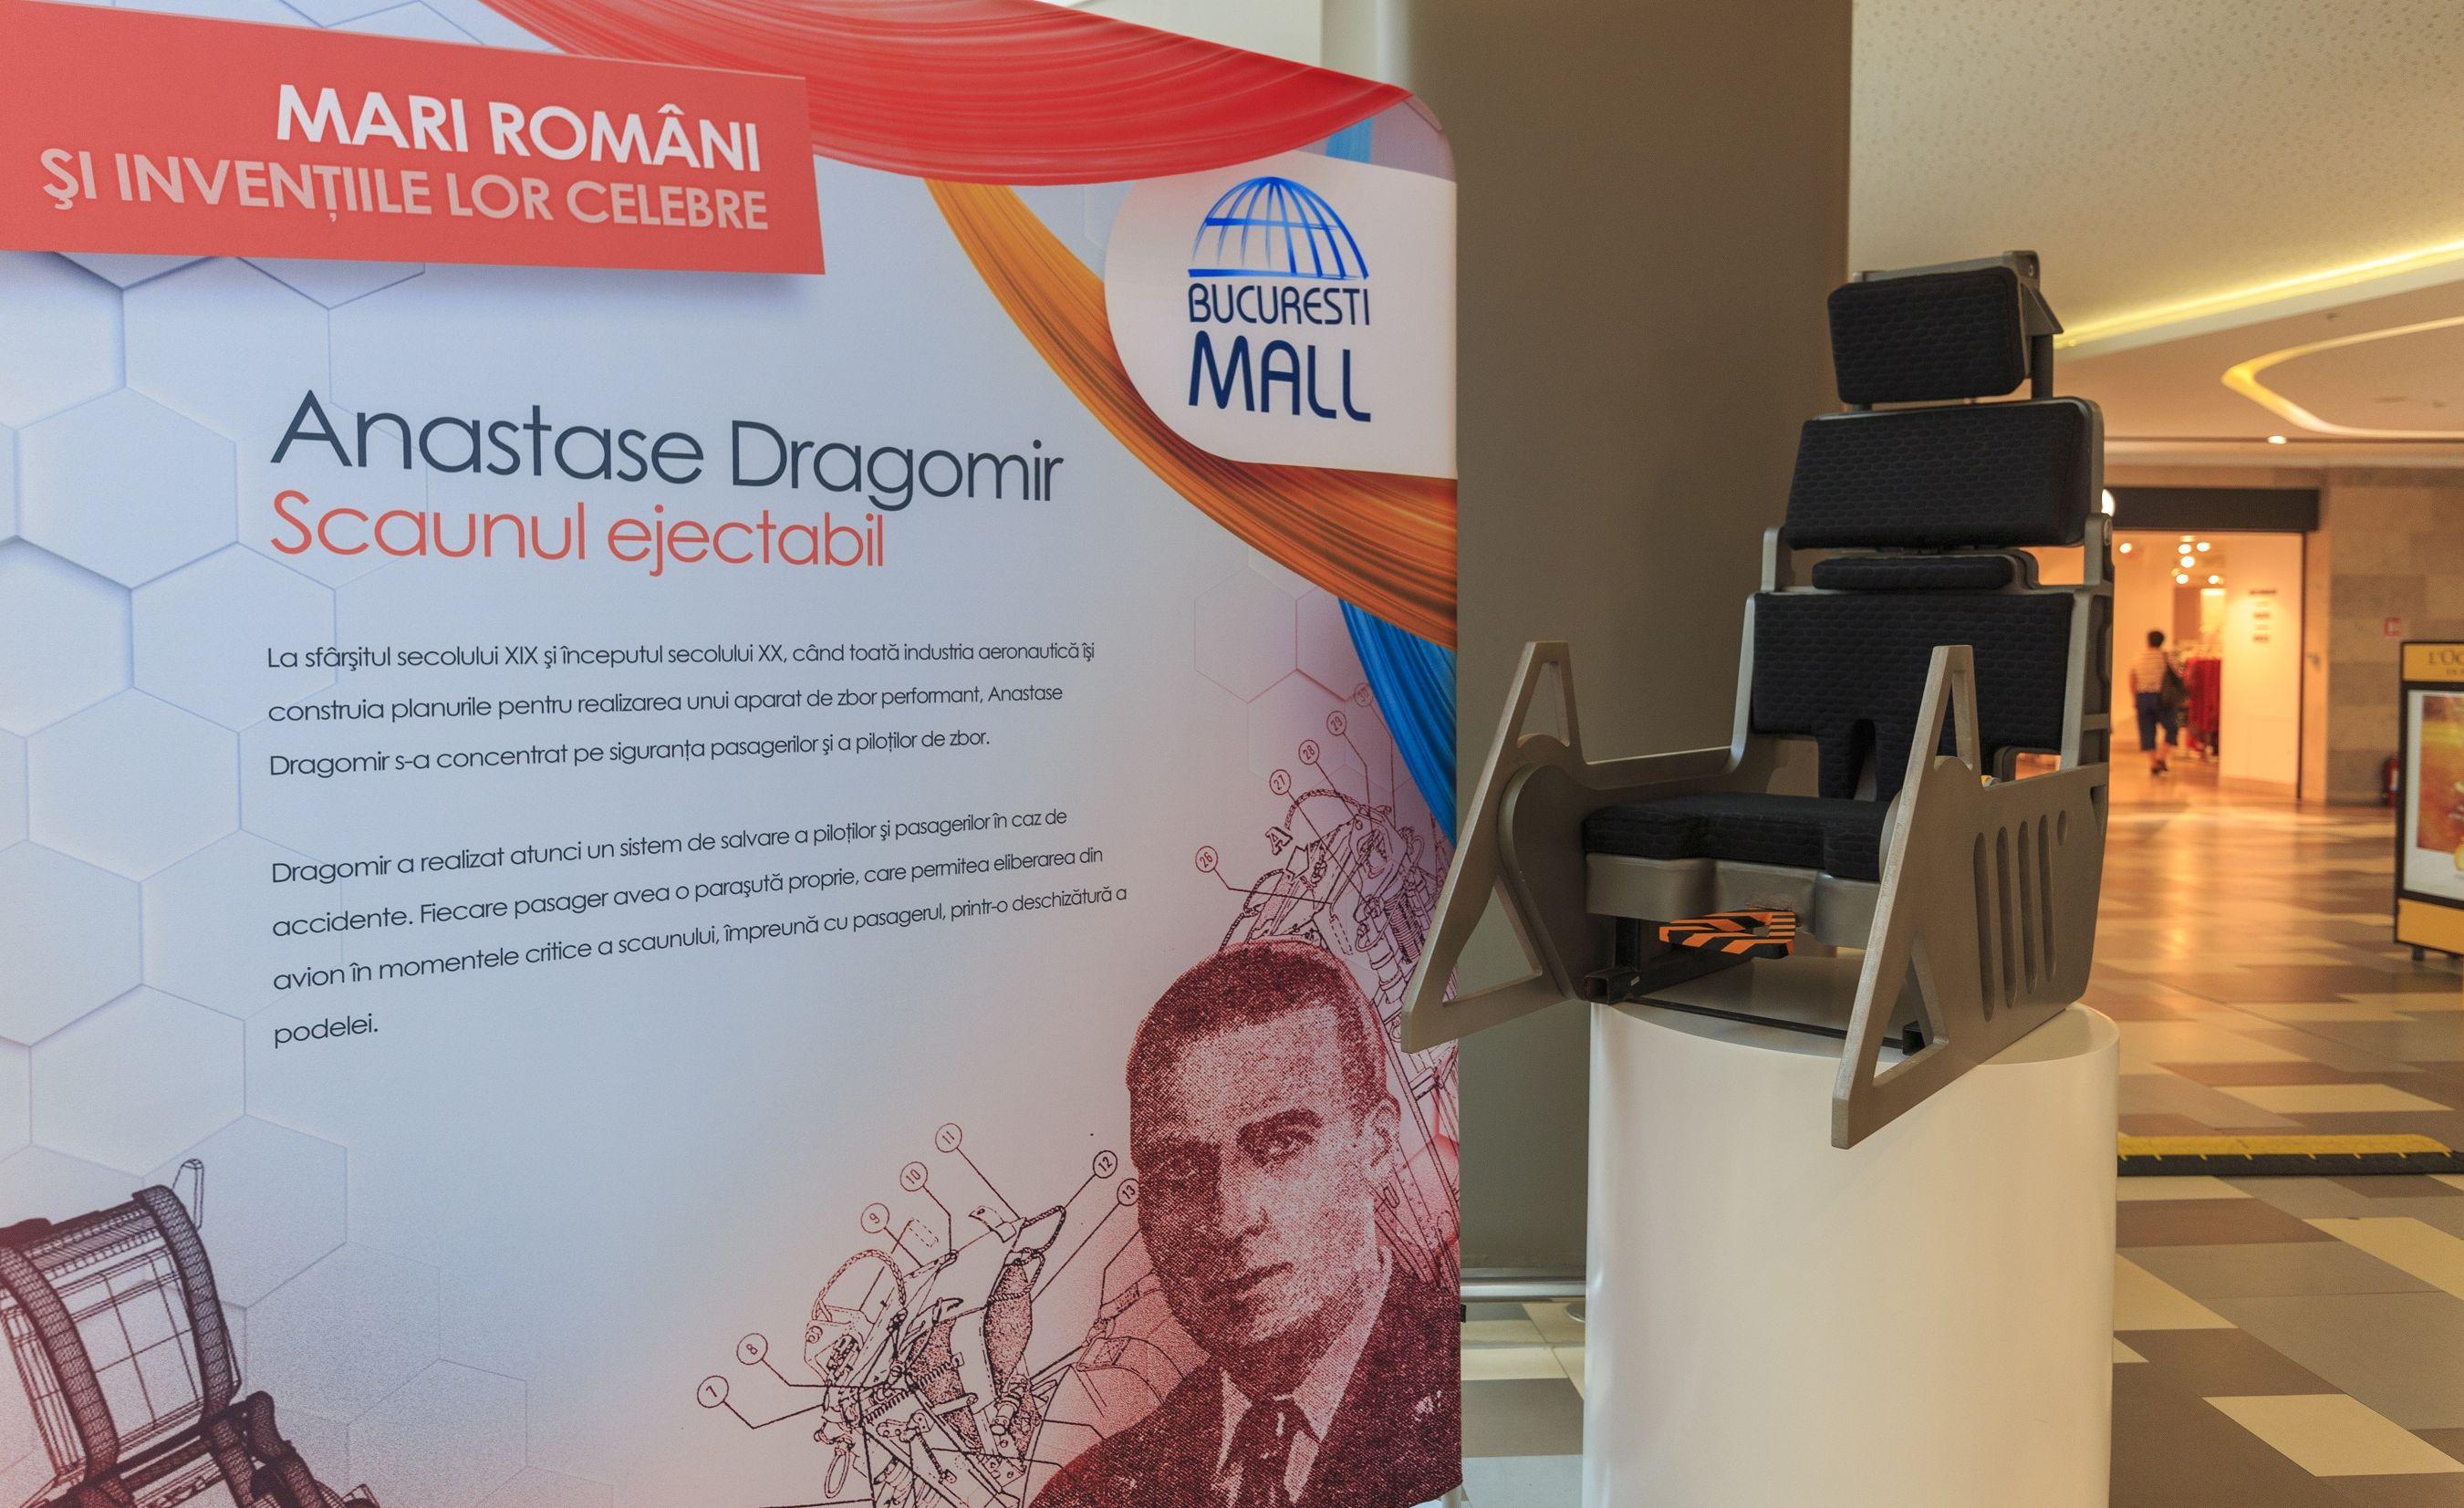 Mari români inventatori și invențiile lor celebre